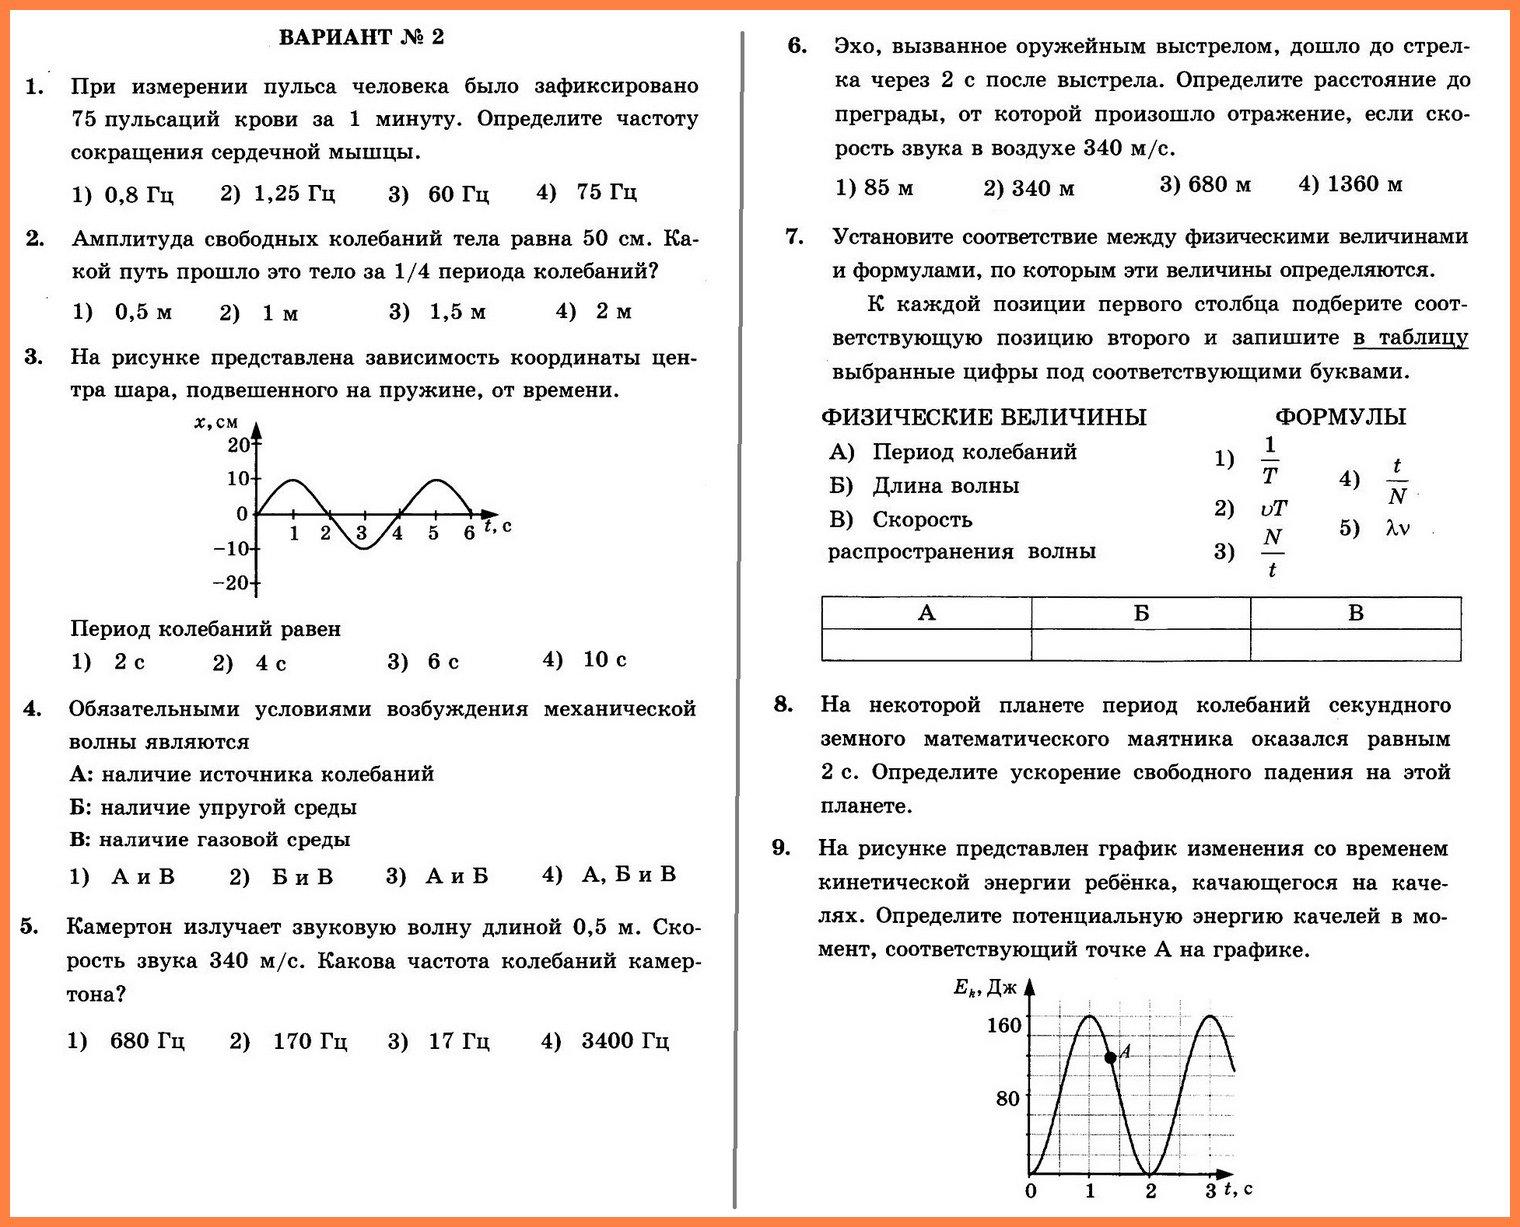 Контрольная работа по физике 9 класс. Механические колебания и волны. Звук